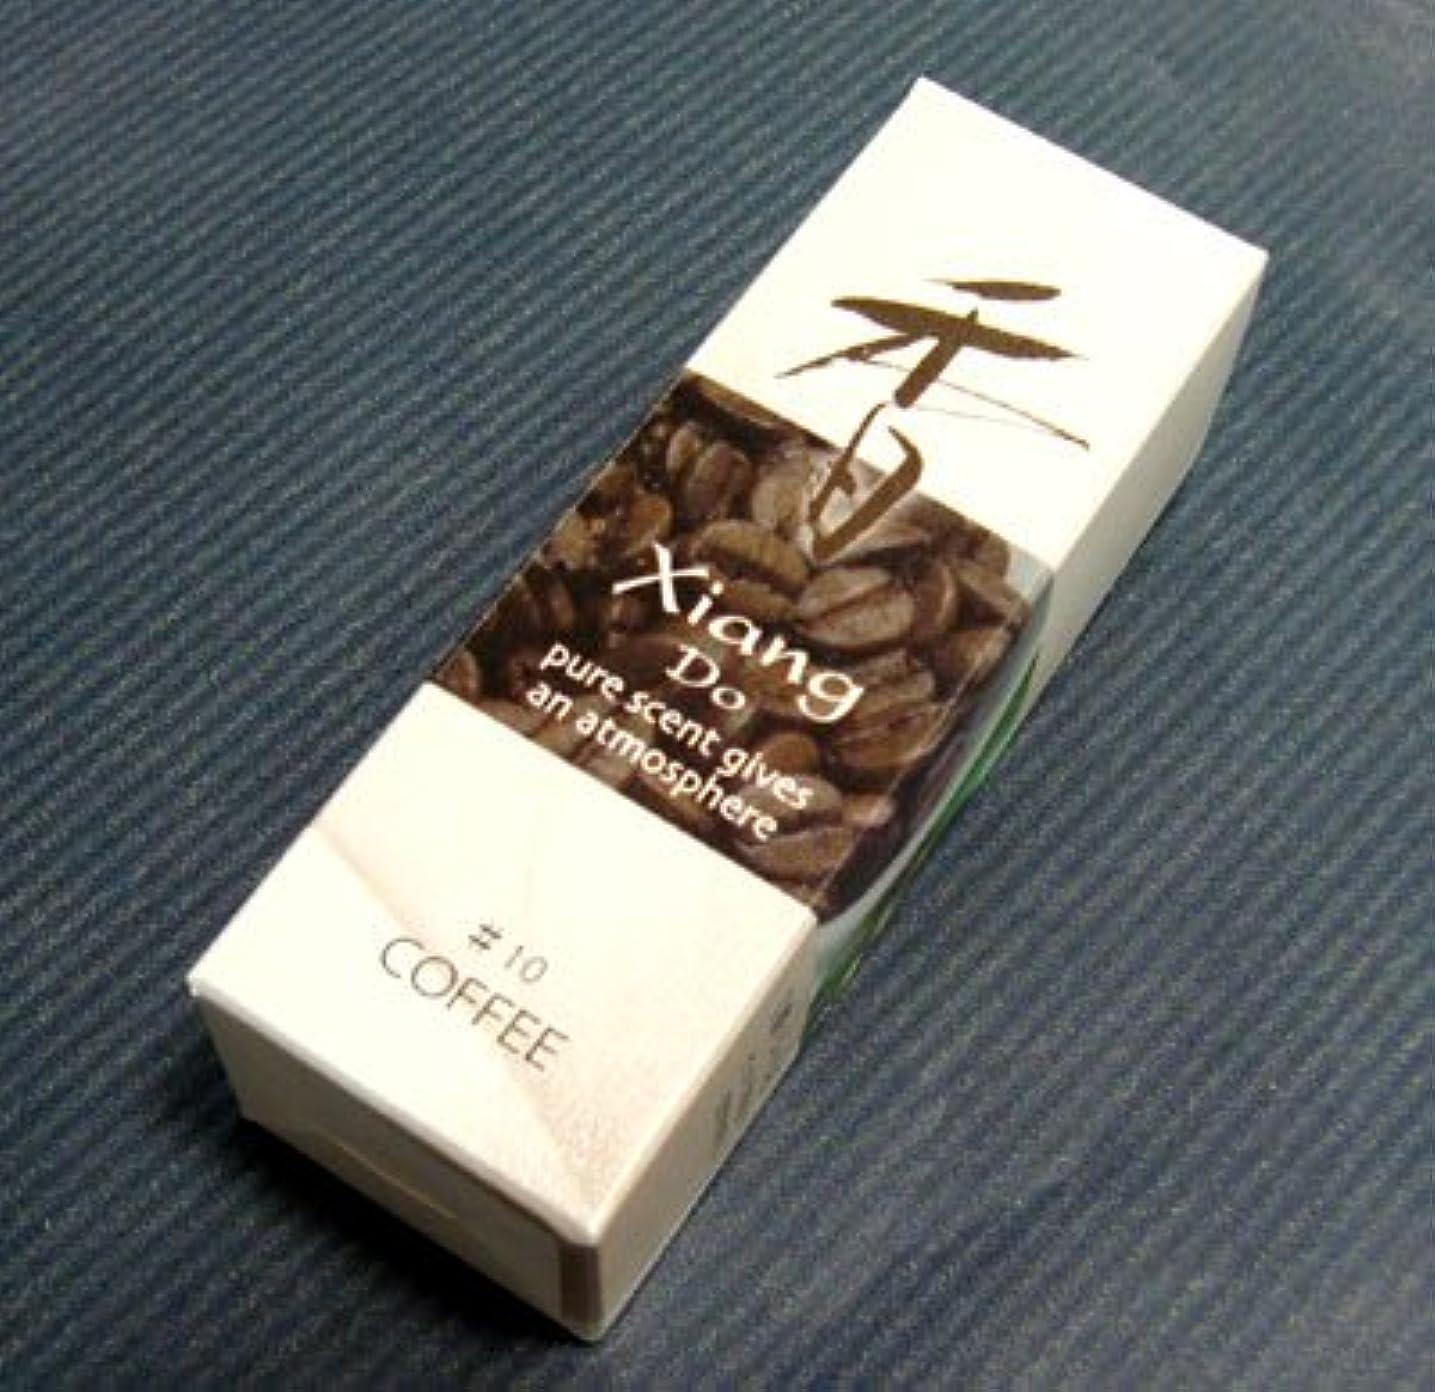 サイレント唯物論ミリメートルコクと苦味のコーヒーの香り 松栄堂【Xiang do コーヒー】スティック 【お香】